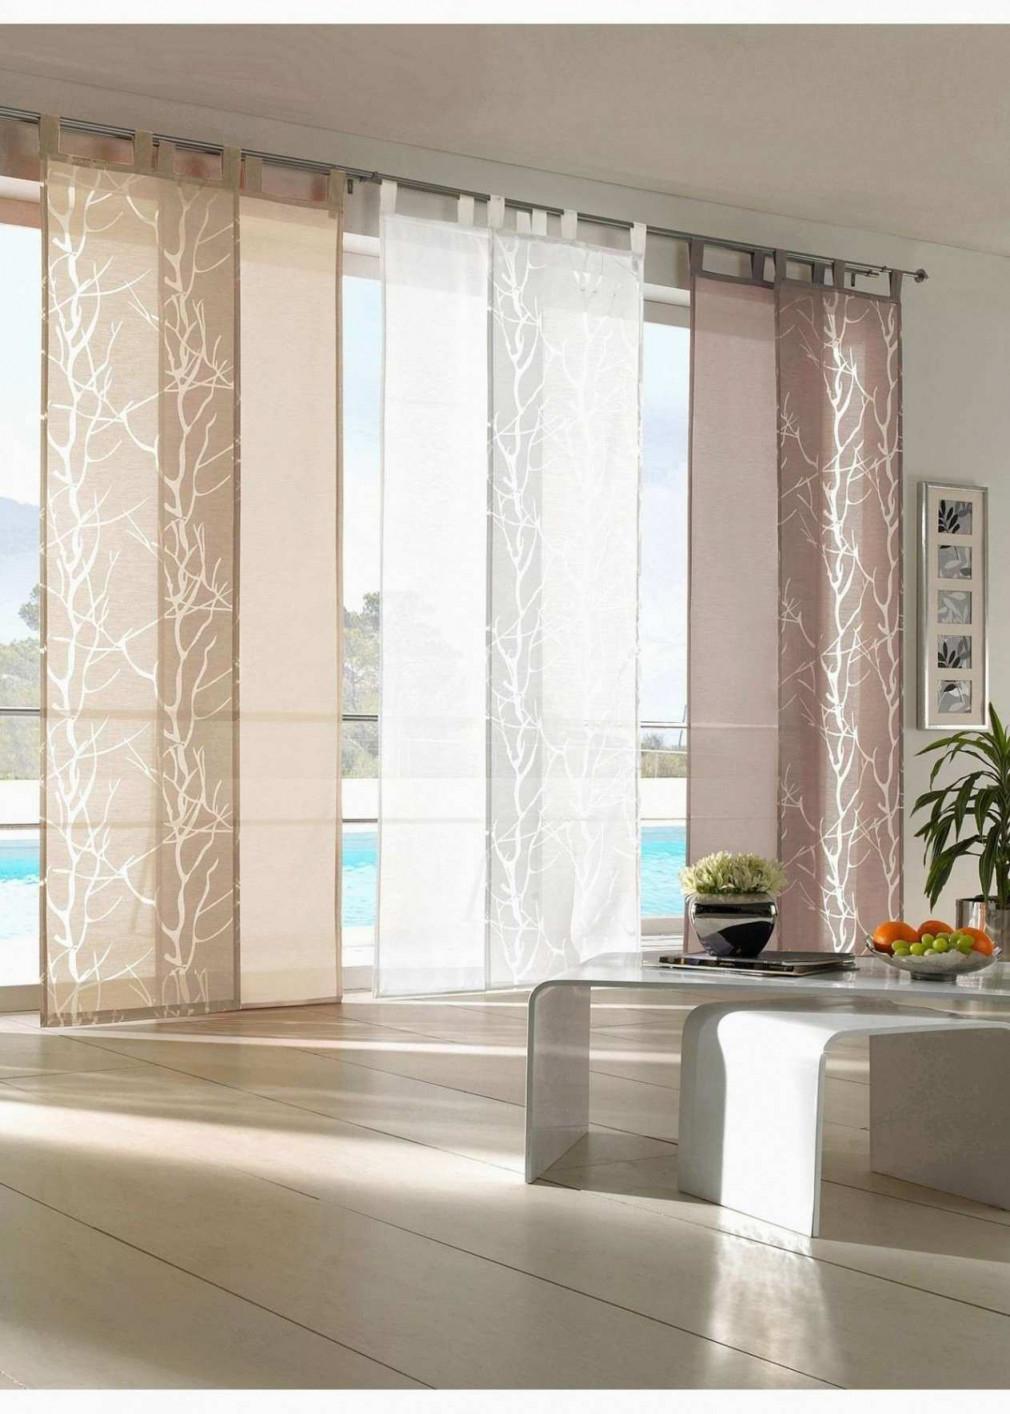 Moderne Wohnzimmer Gardinen Fur Kleine Fenster – Caseconrad von Moderne Wohnzimmer Gardinen Für Kleine Fenster Bild